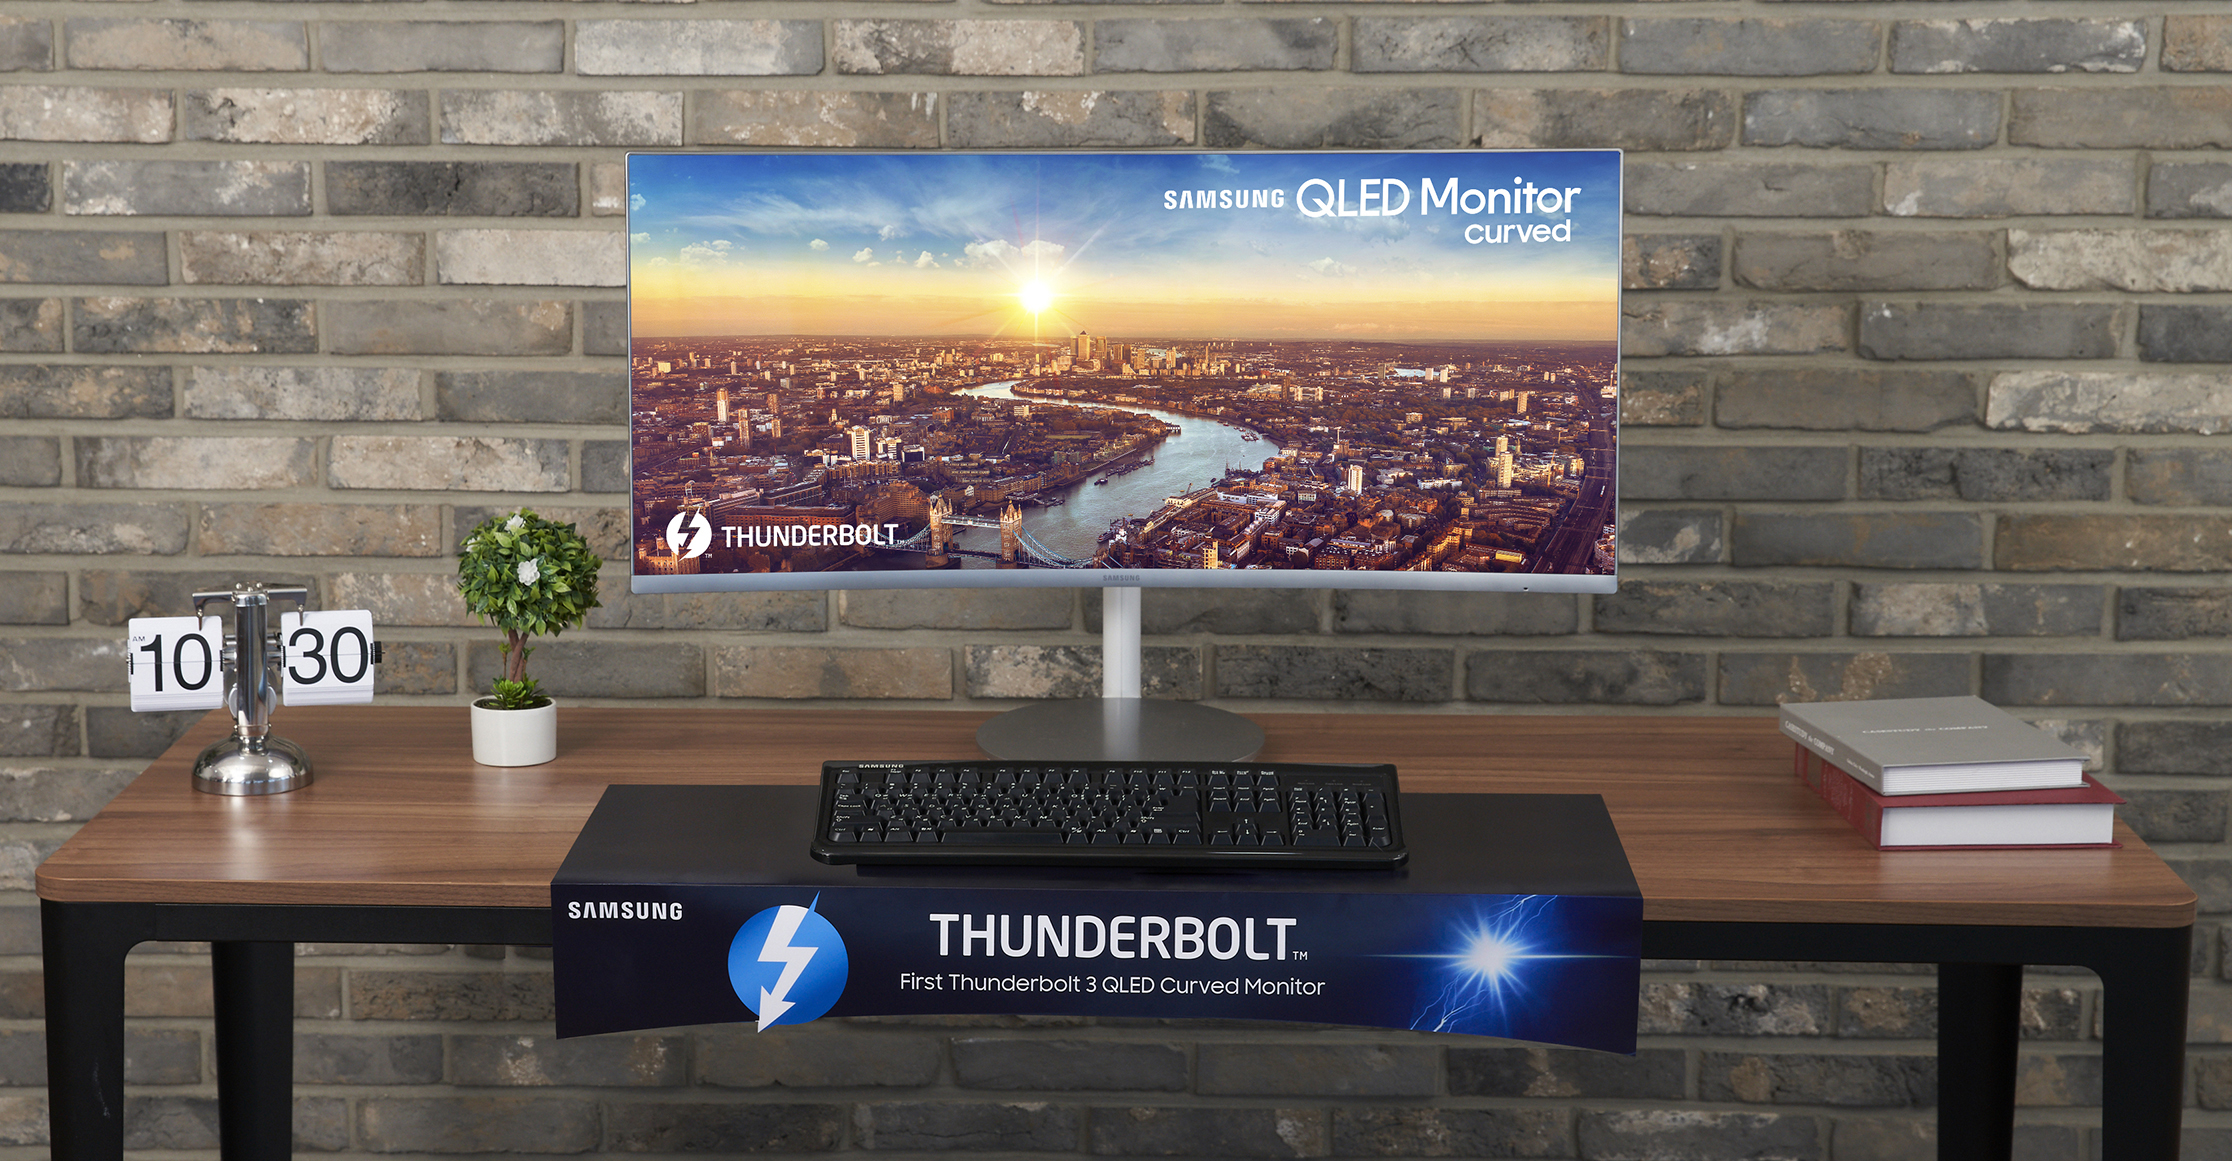 Samsung Electronics представила первый в мире изогнутый QLED монитор с интерфейсом Thunderbolt™ 3